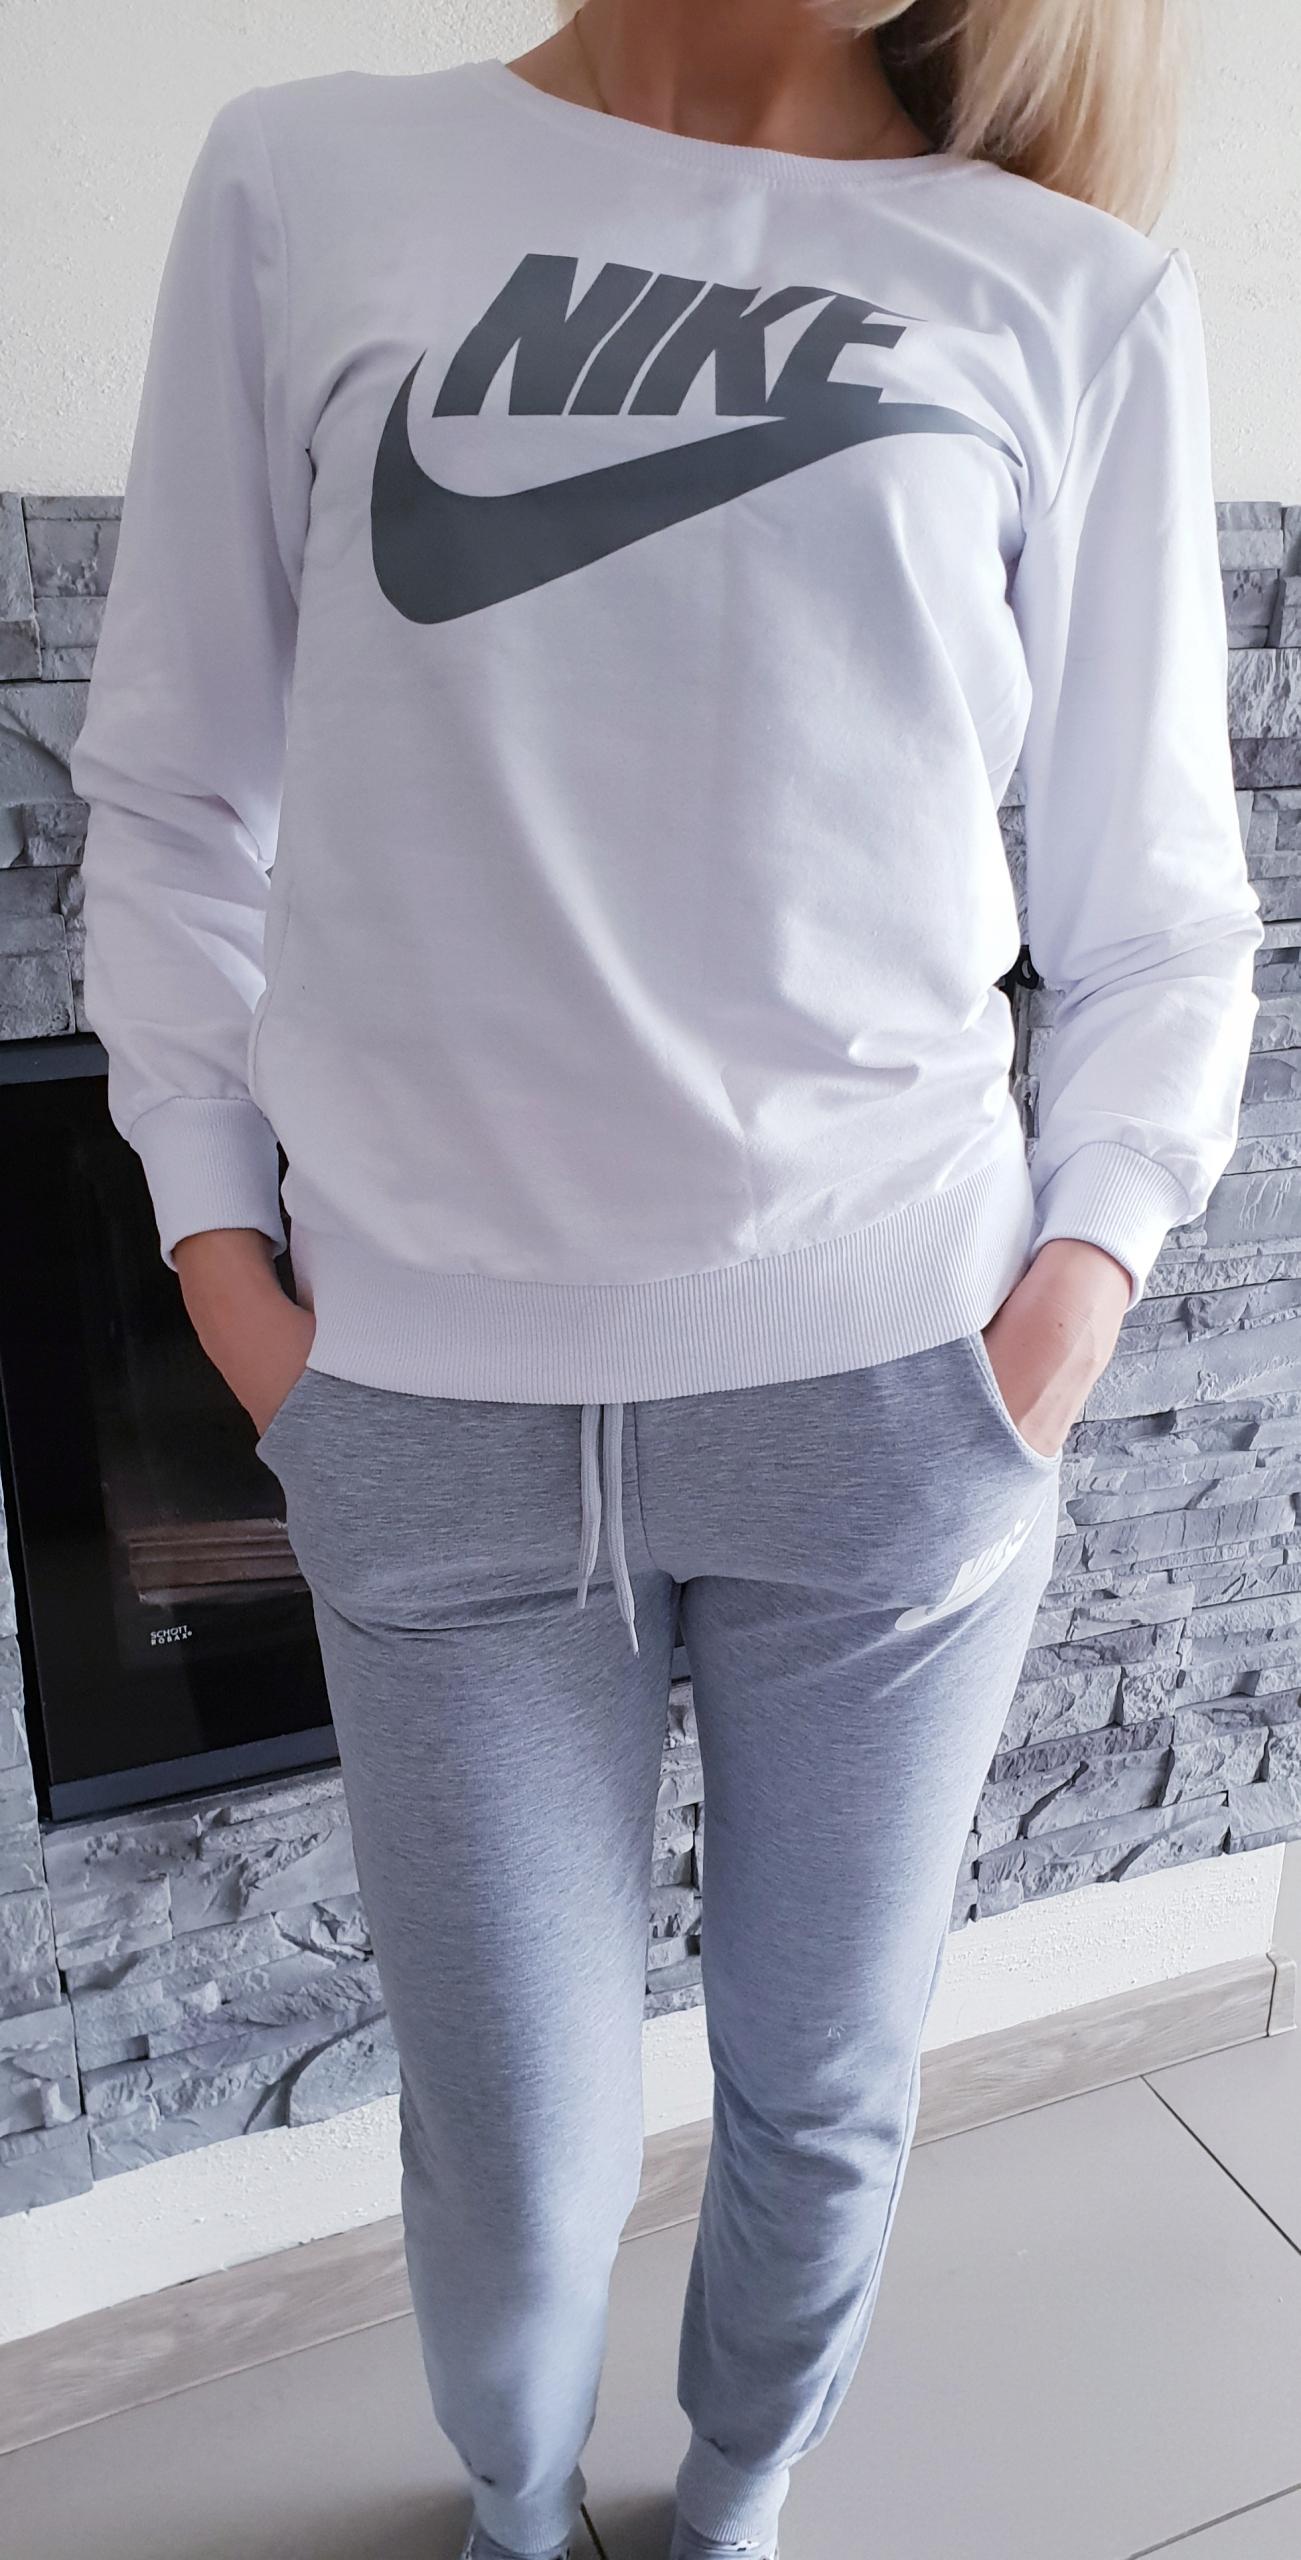 NOWY kobiecy i stylowy dres damski biało-szary M